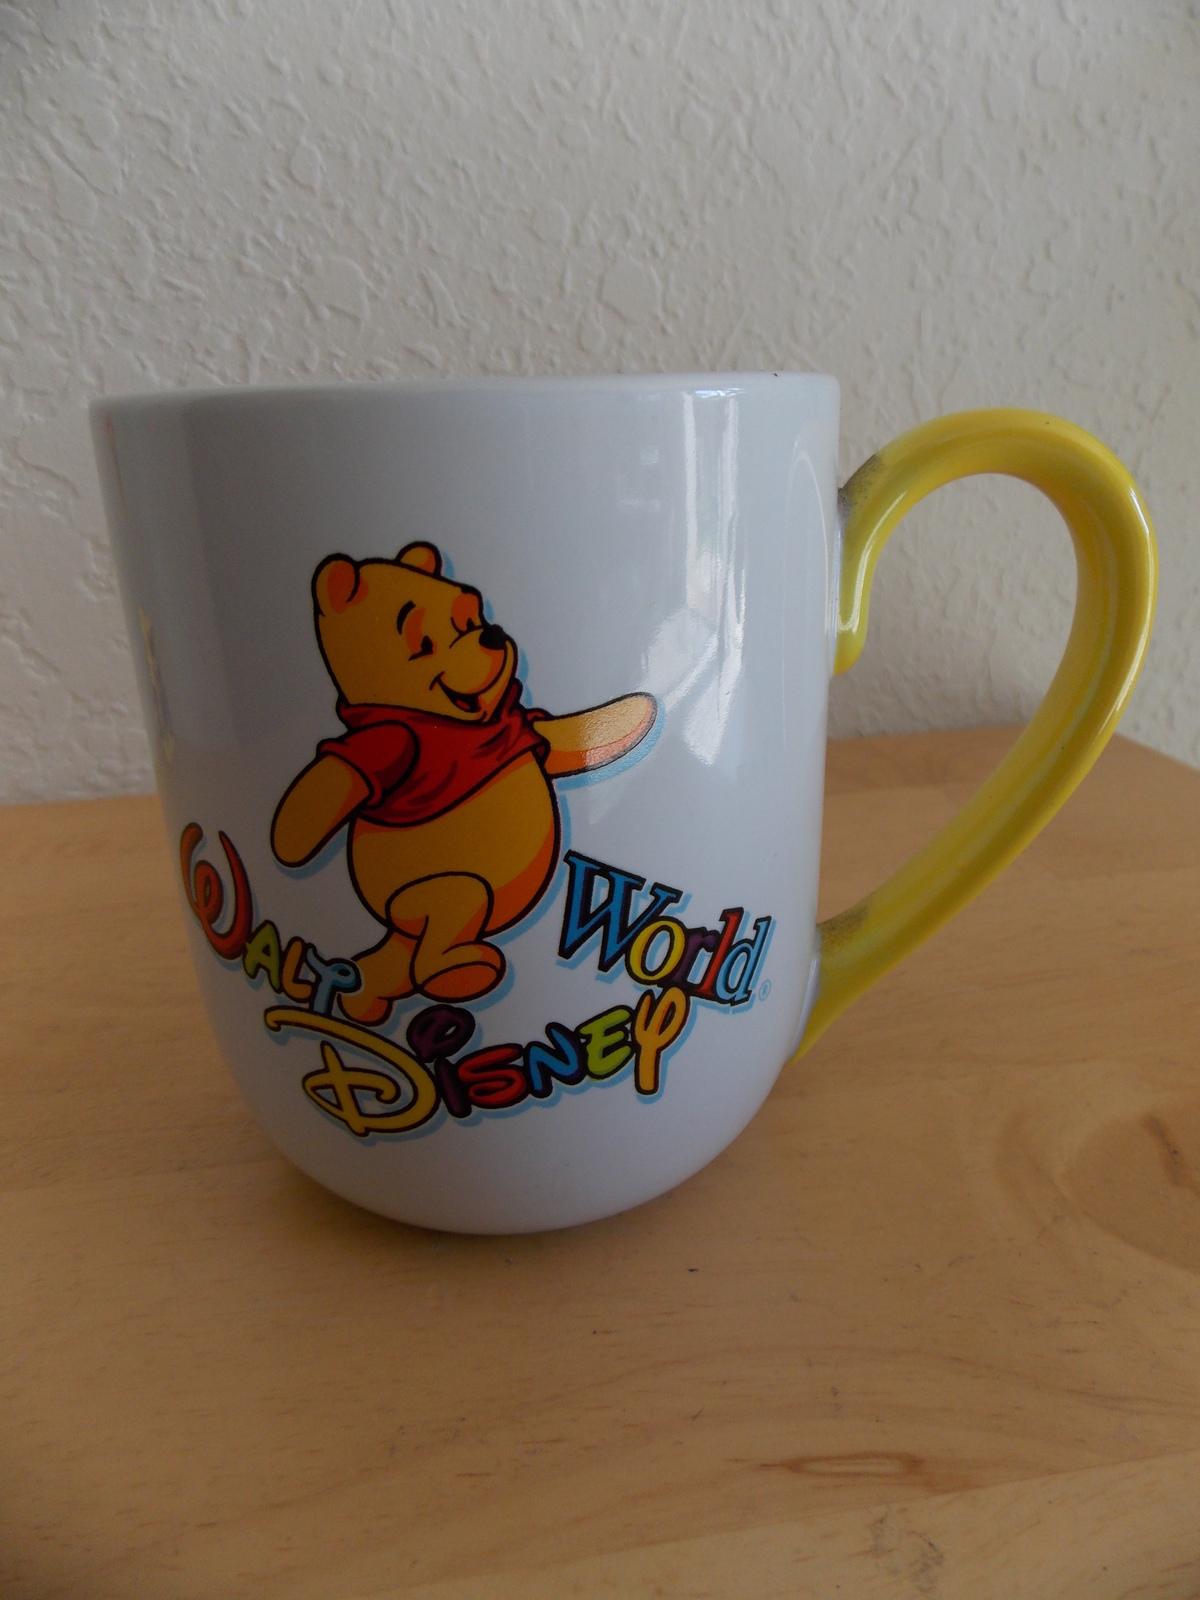 Walt Disney World Winnie the Pooh Coffee Mug